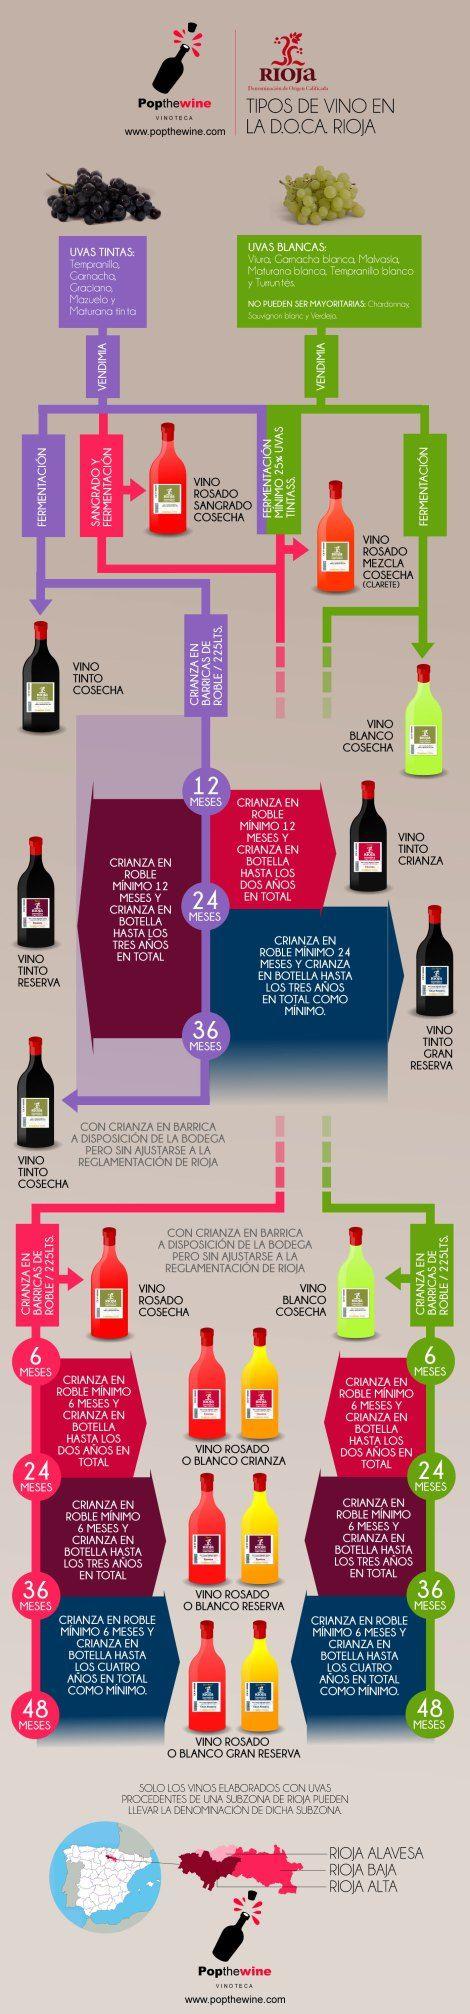 Infografía sobre los diferentes tipos de vino que encontramos en la Denominación de Origen Rioja.